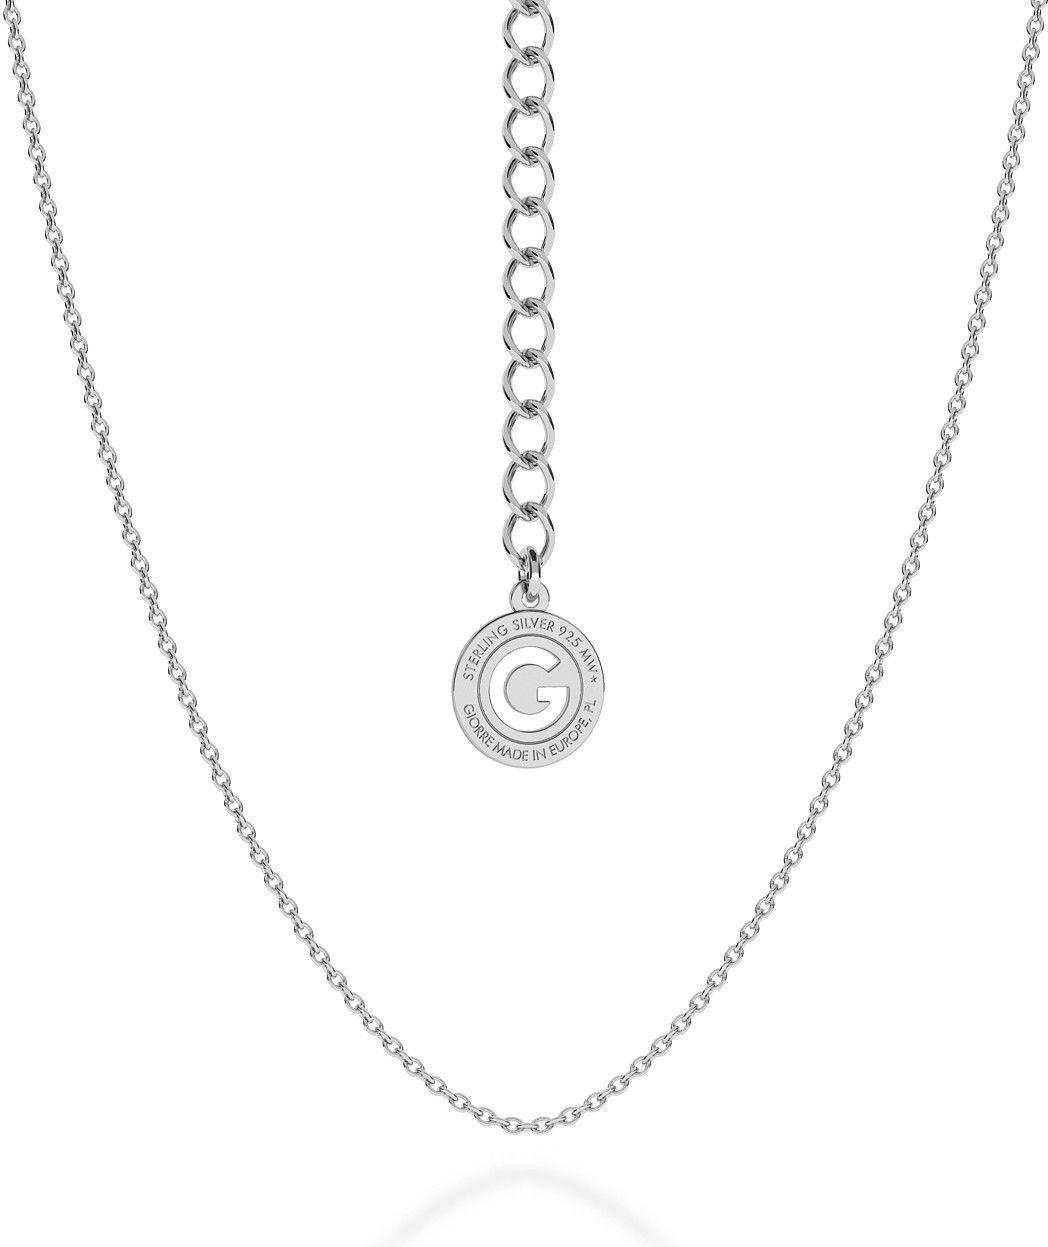 Srebrny delikatny łańcuszek ankier, srebro 925 : Długość (cm) - 55 + 5, Srebro - kolor pokrycia - Pokrycie platyną